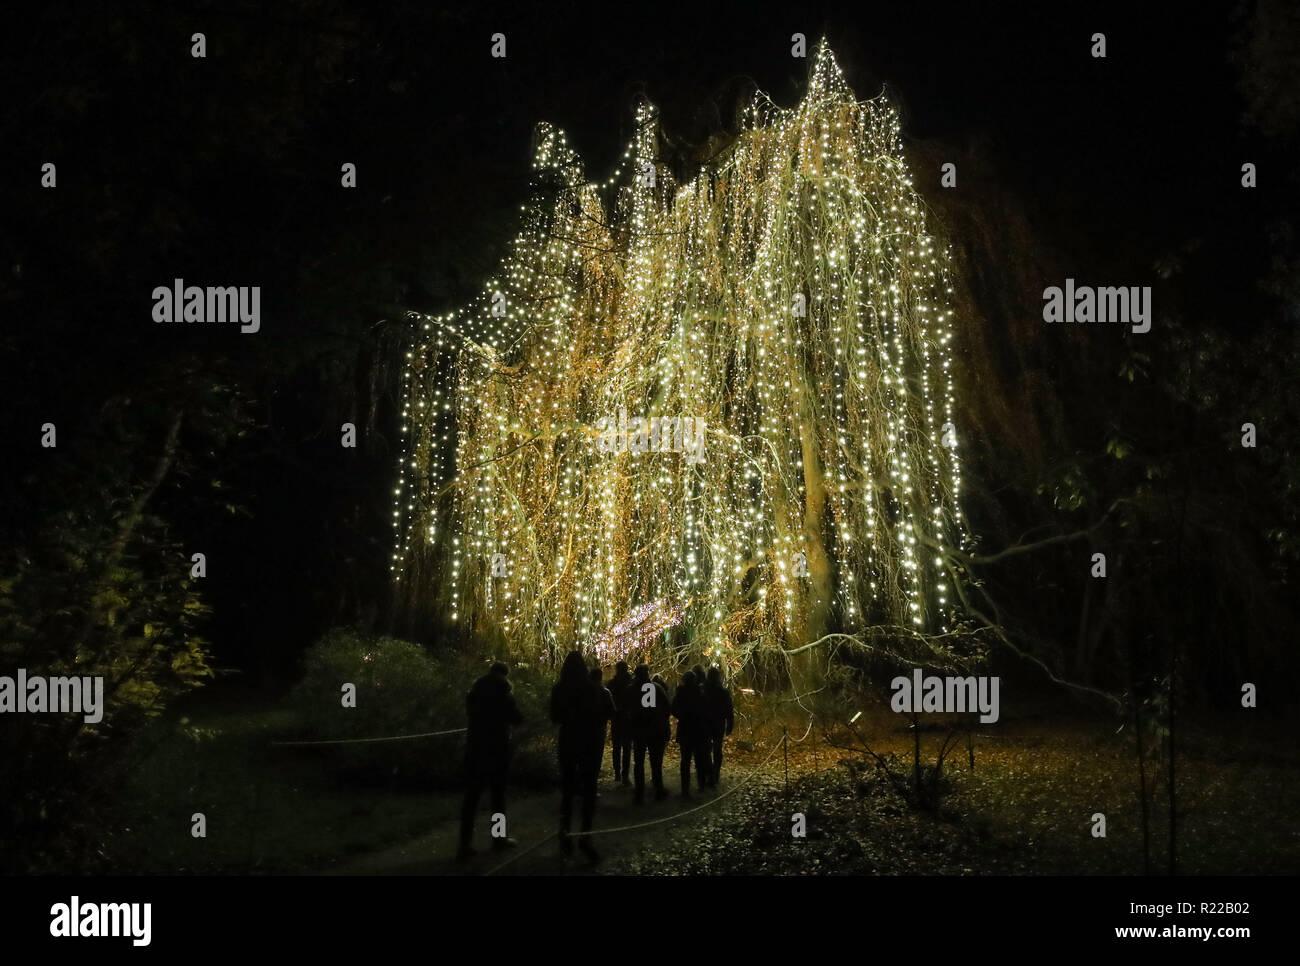 Weihnachten 2019 Berlin.Berlin 07 11 15 6 Januar 2019 Besucher Blick Auf Baum Mit Licht